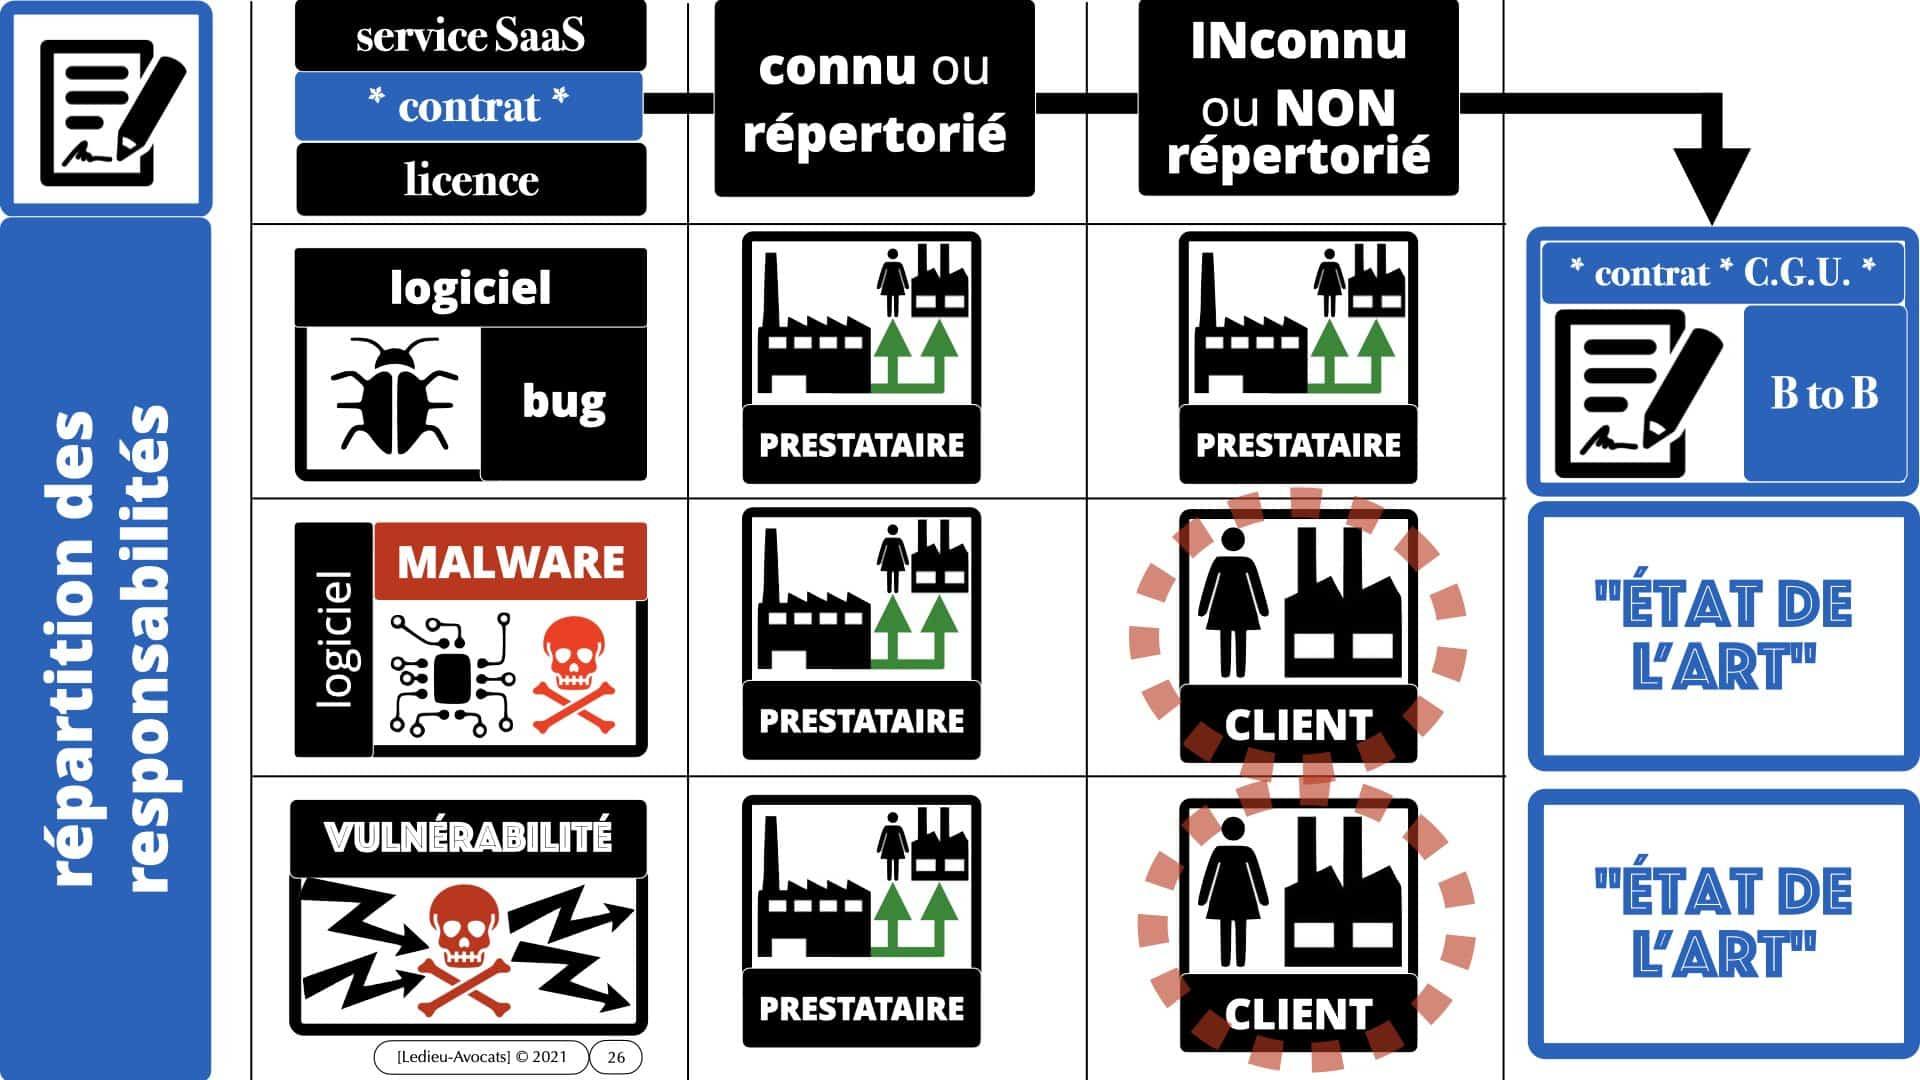 331 CYBER ATTAQUE malware vulnérabilité contrat BtoB © Ledieu-Avocats 30-03-2021 ***16:9***.026